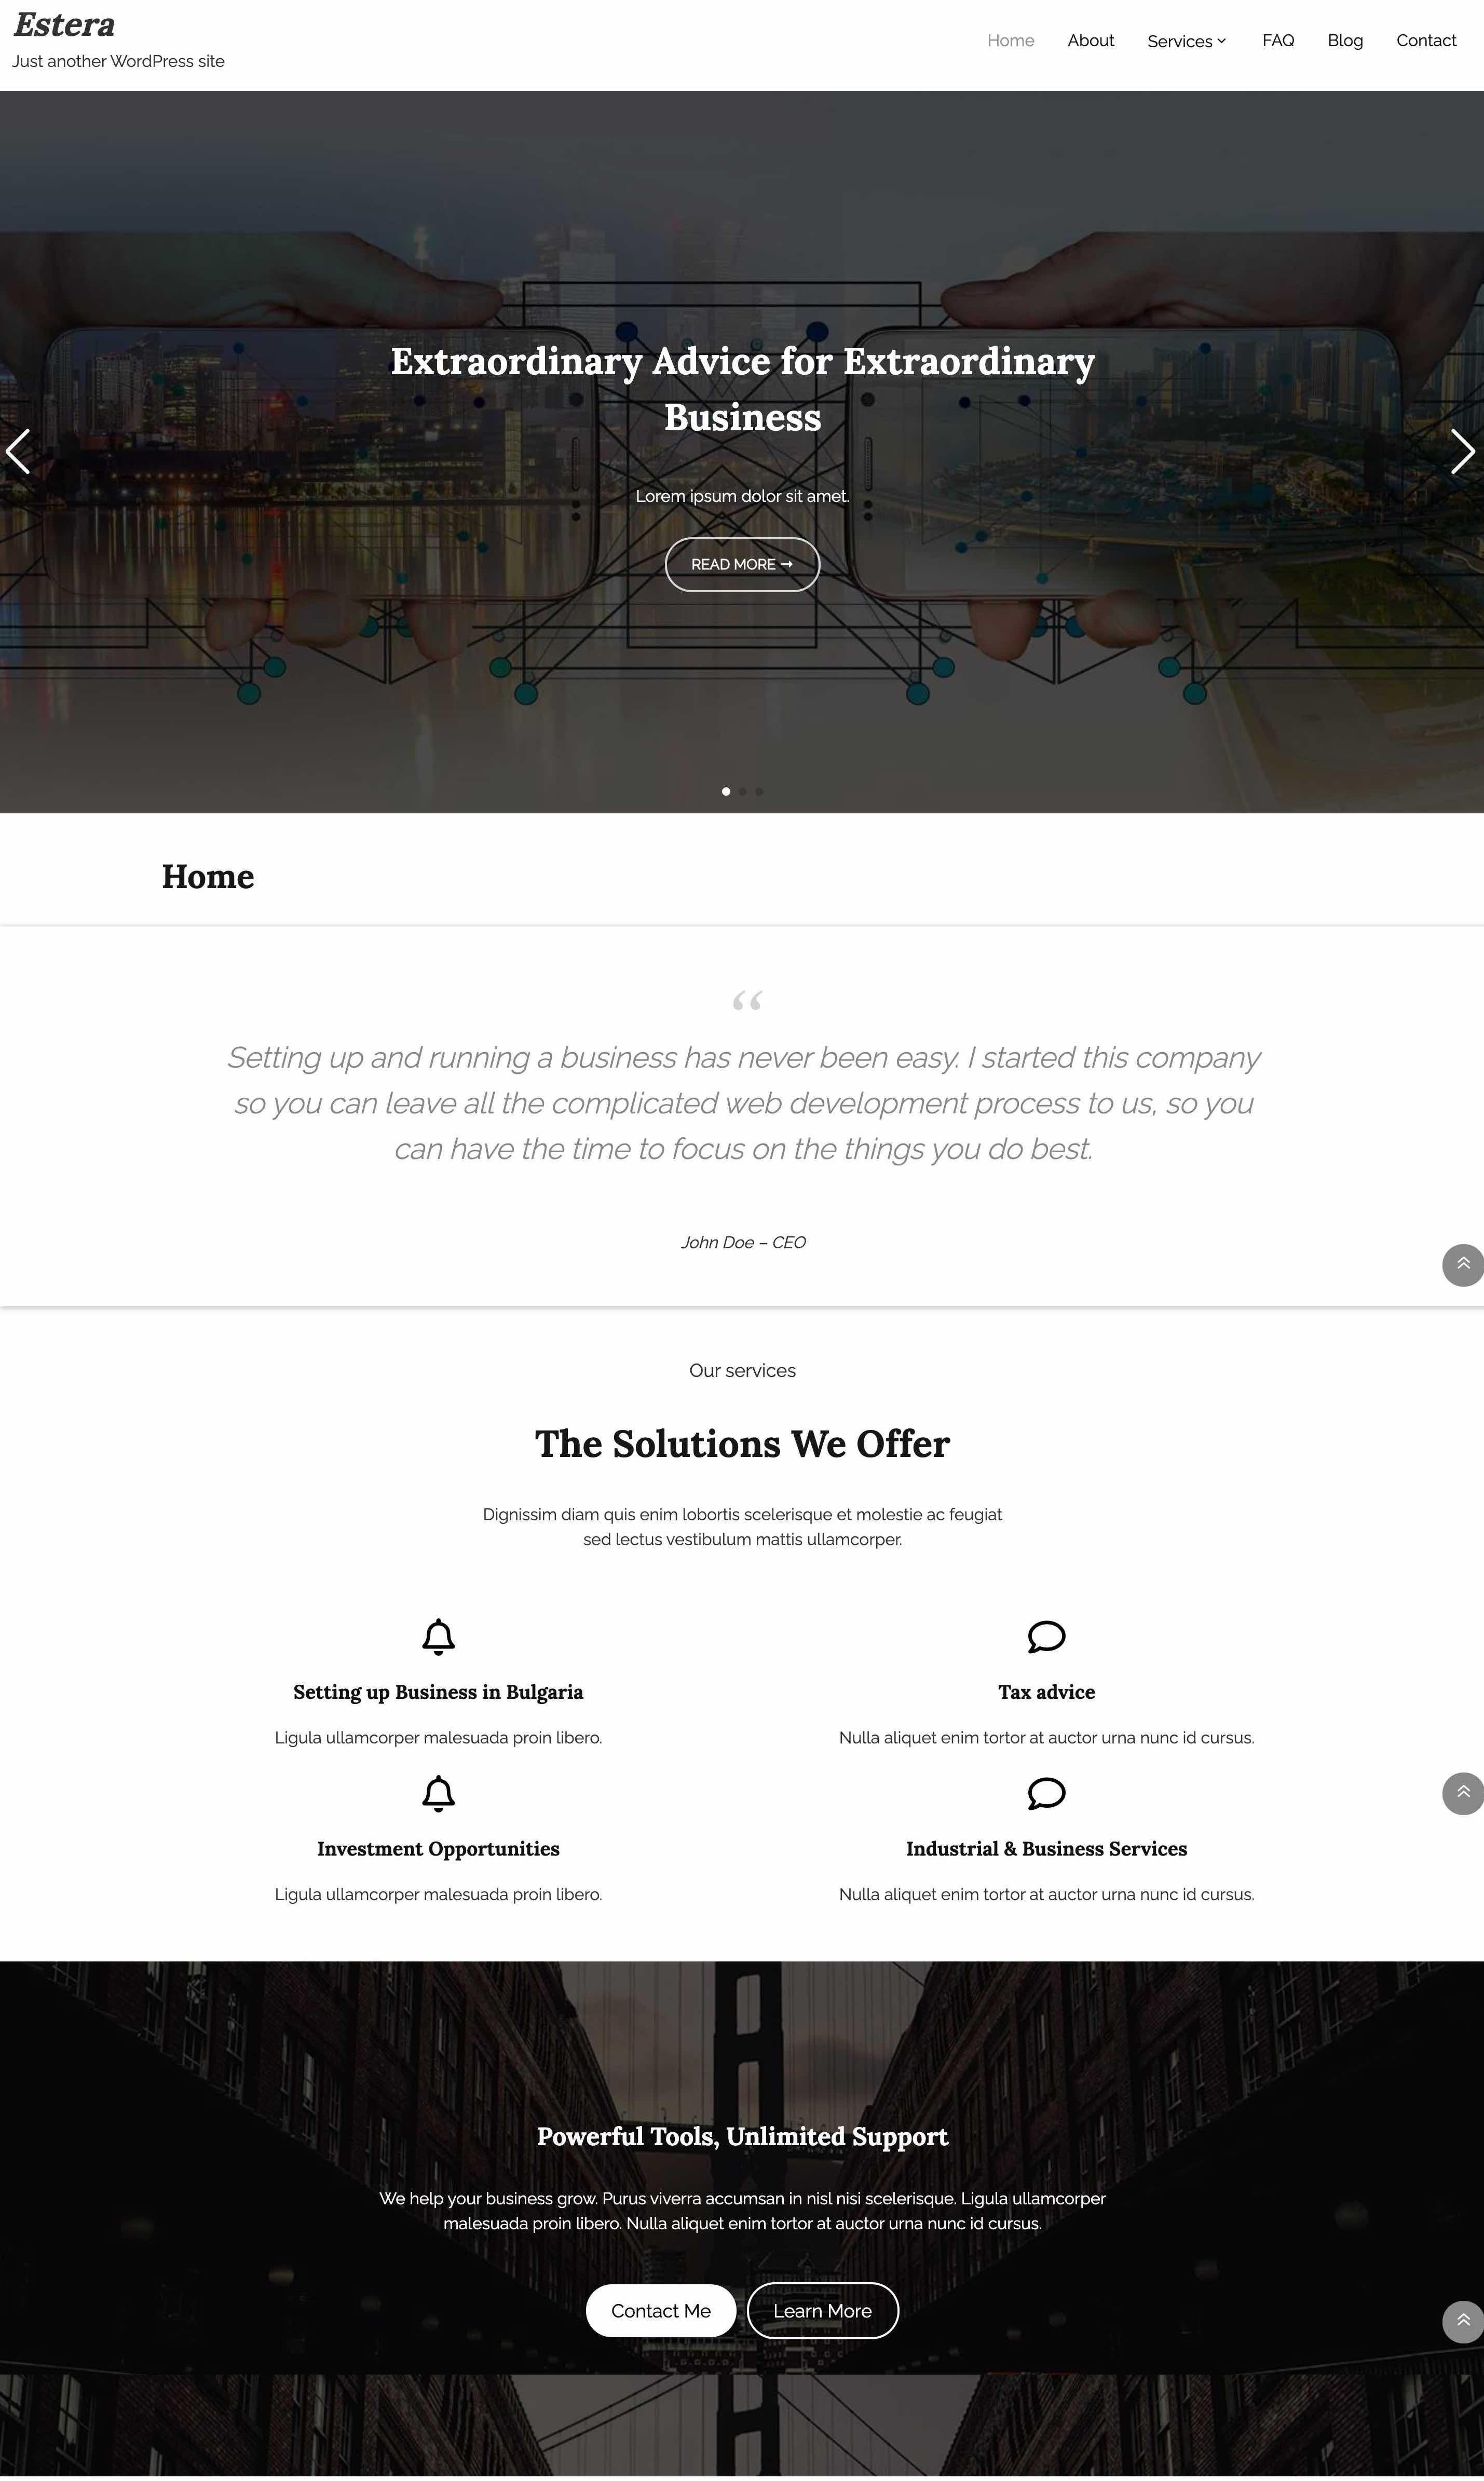 Estera WordPress Theme